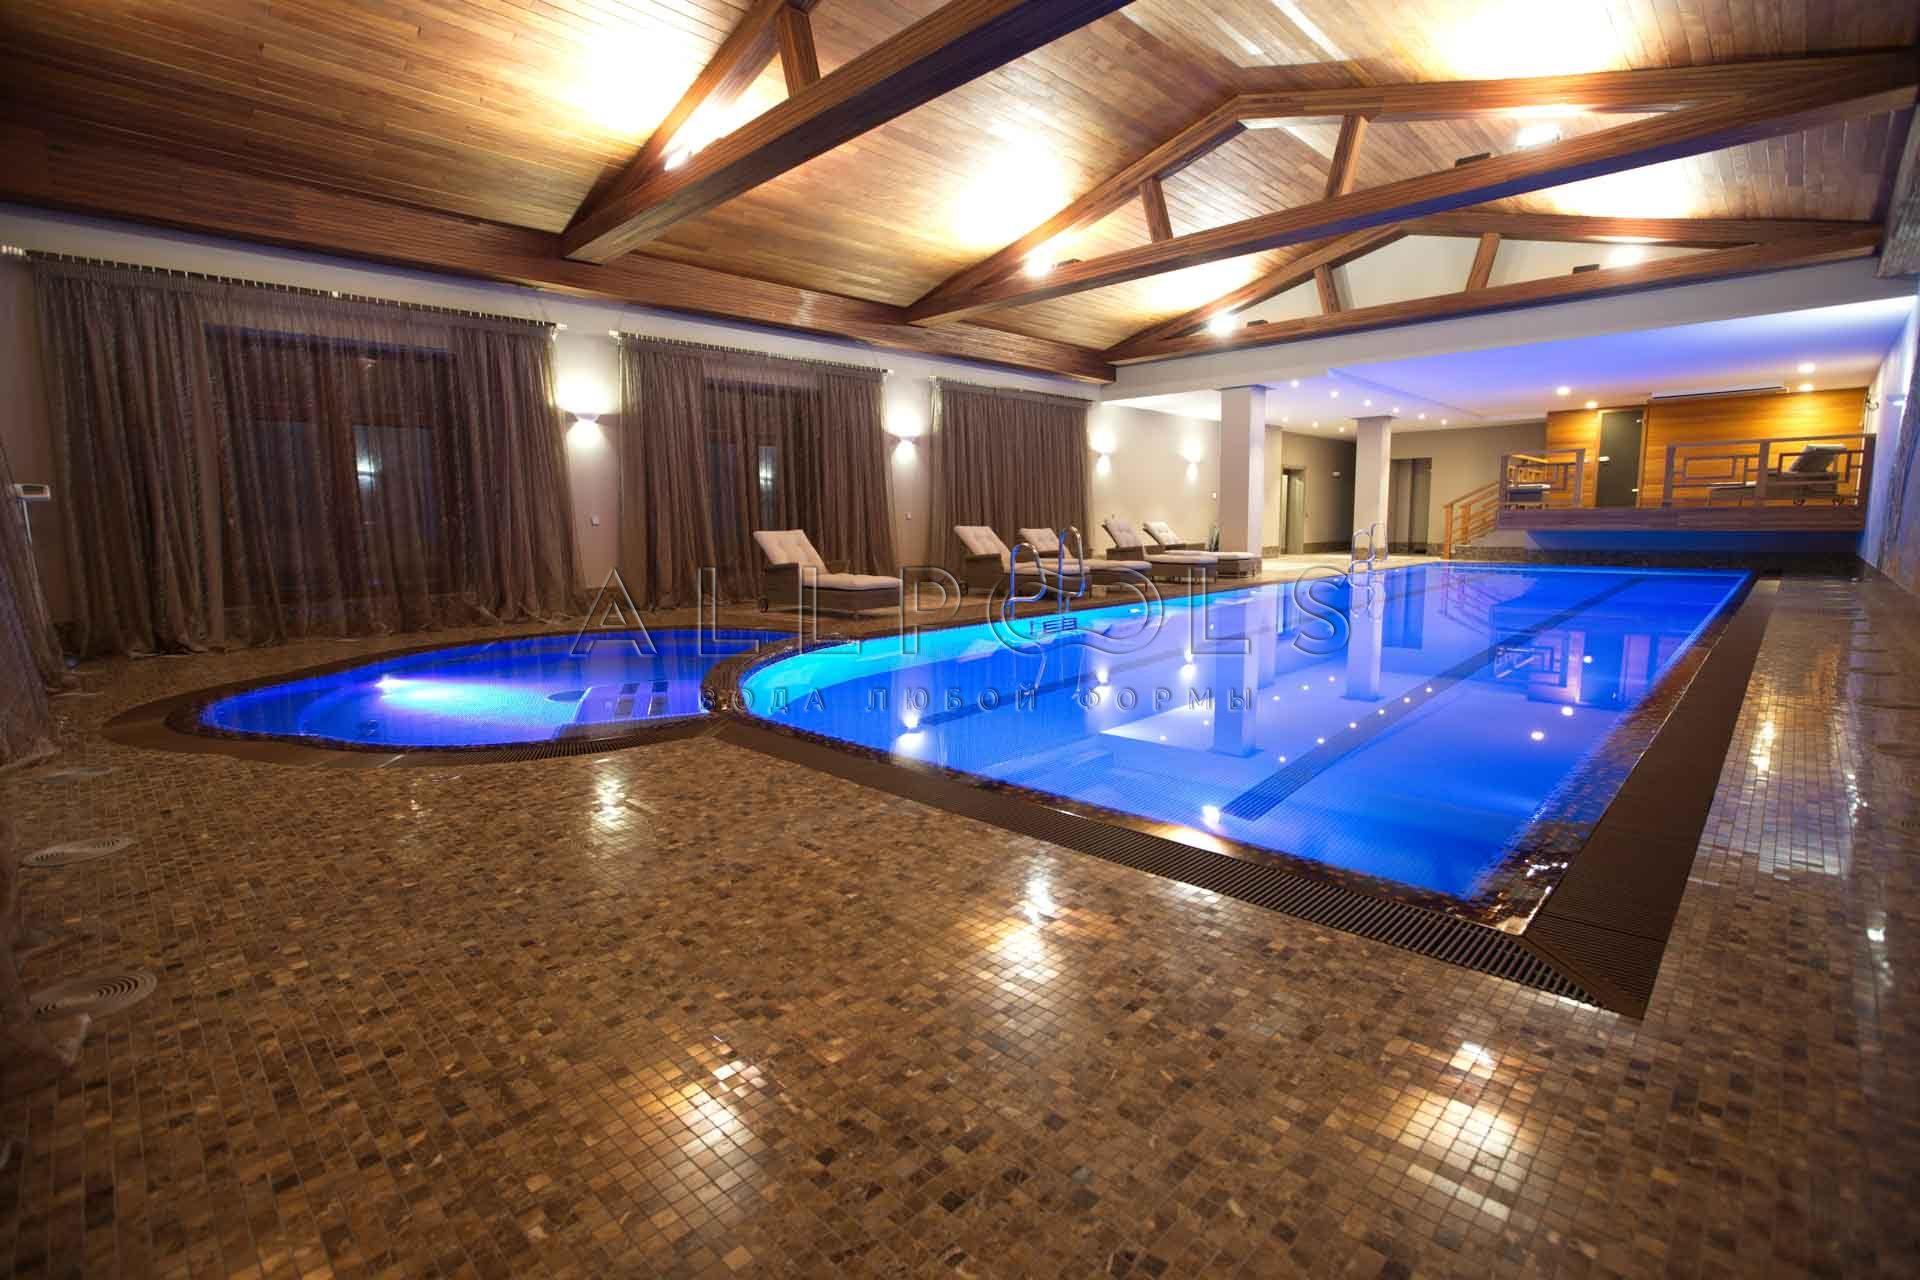 Разноцветное освещение в бассейне с джакузи. Ярко-синий цвет